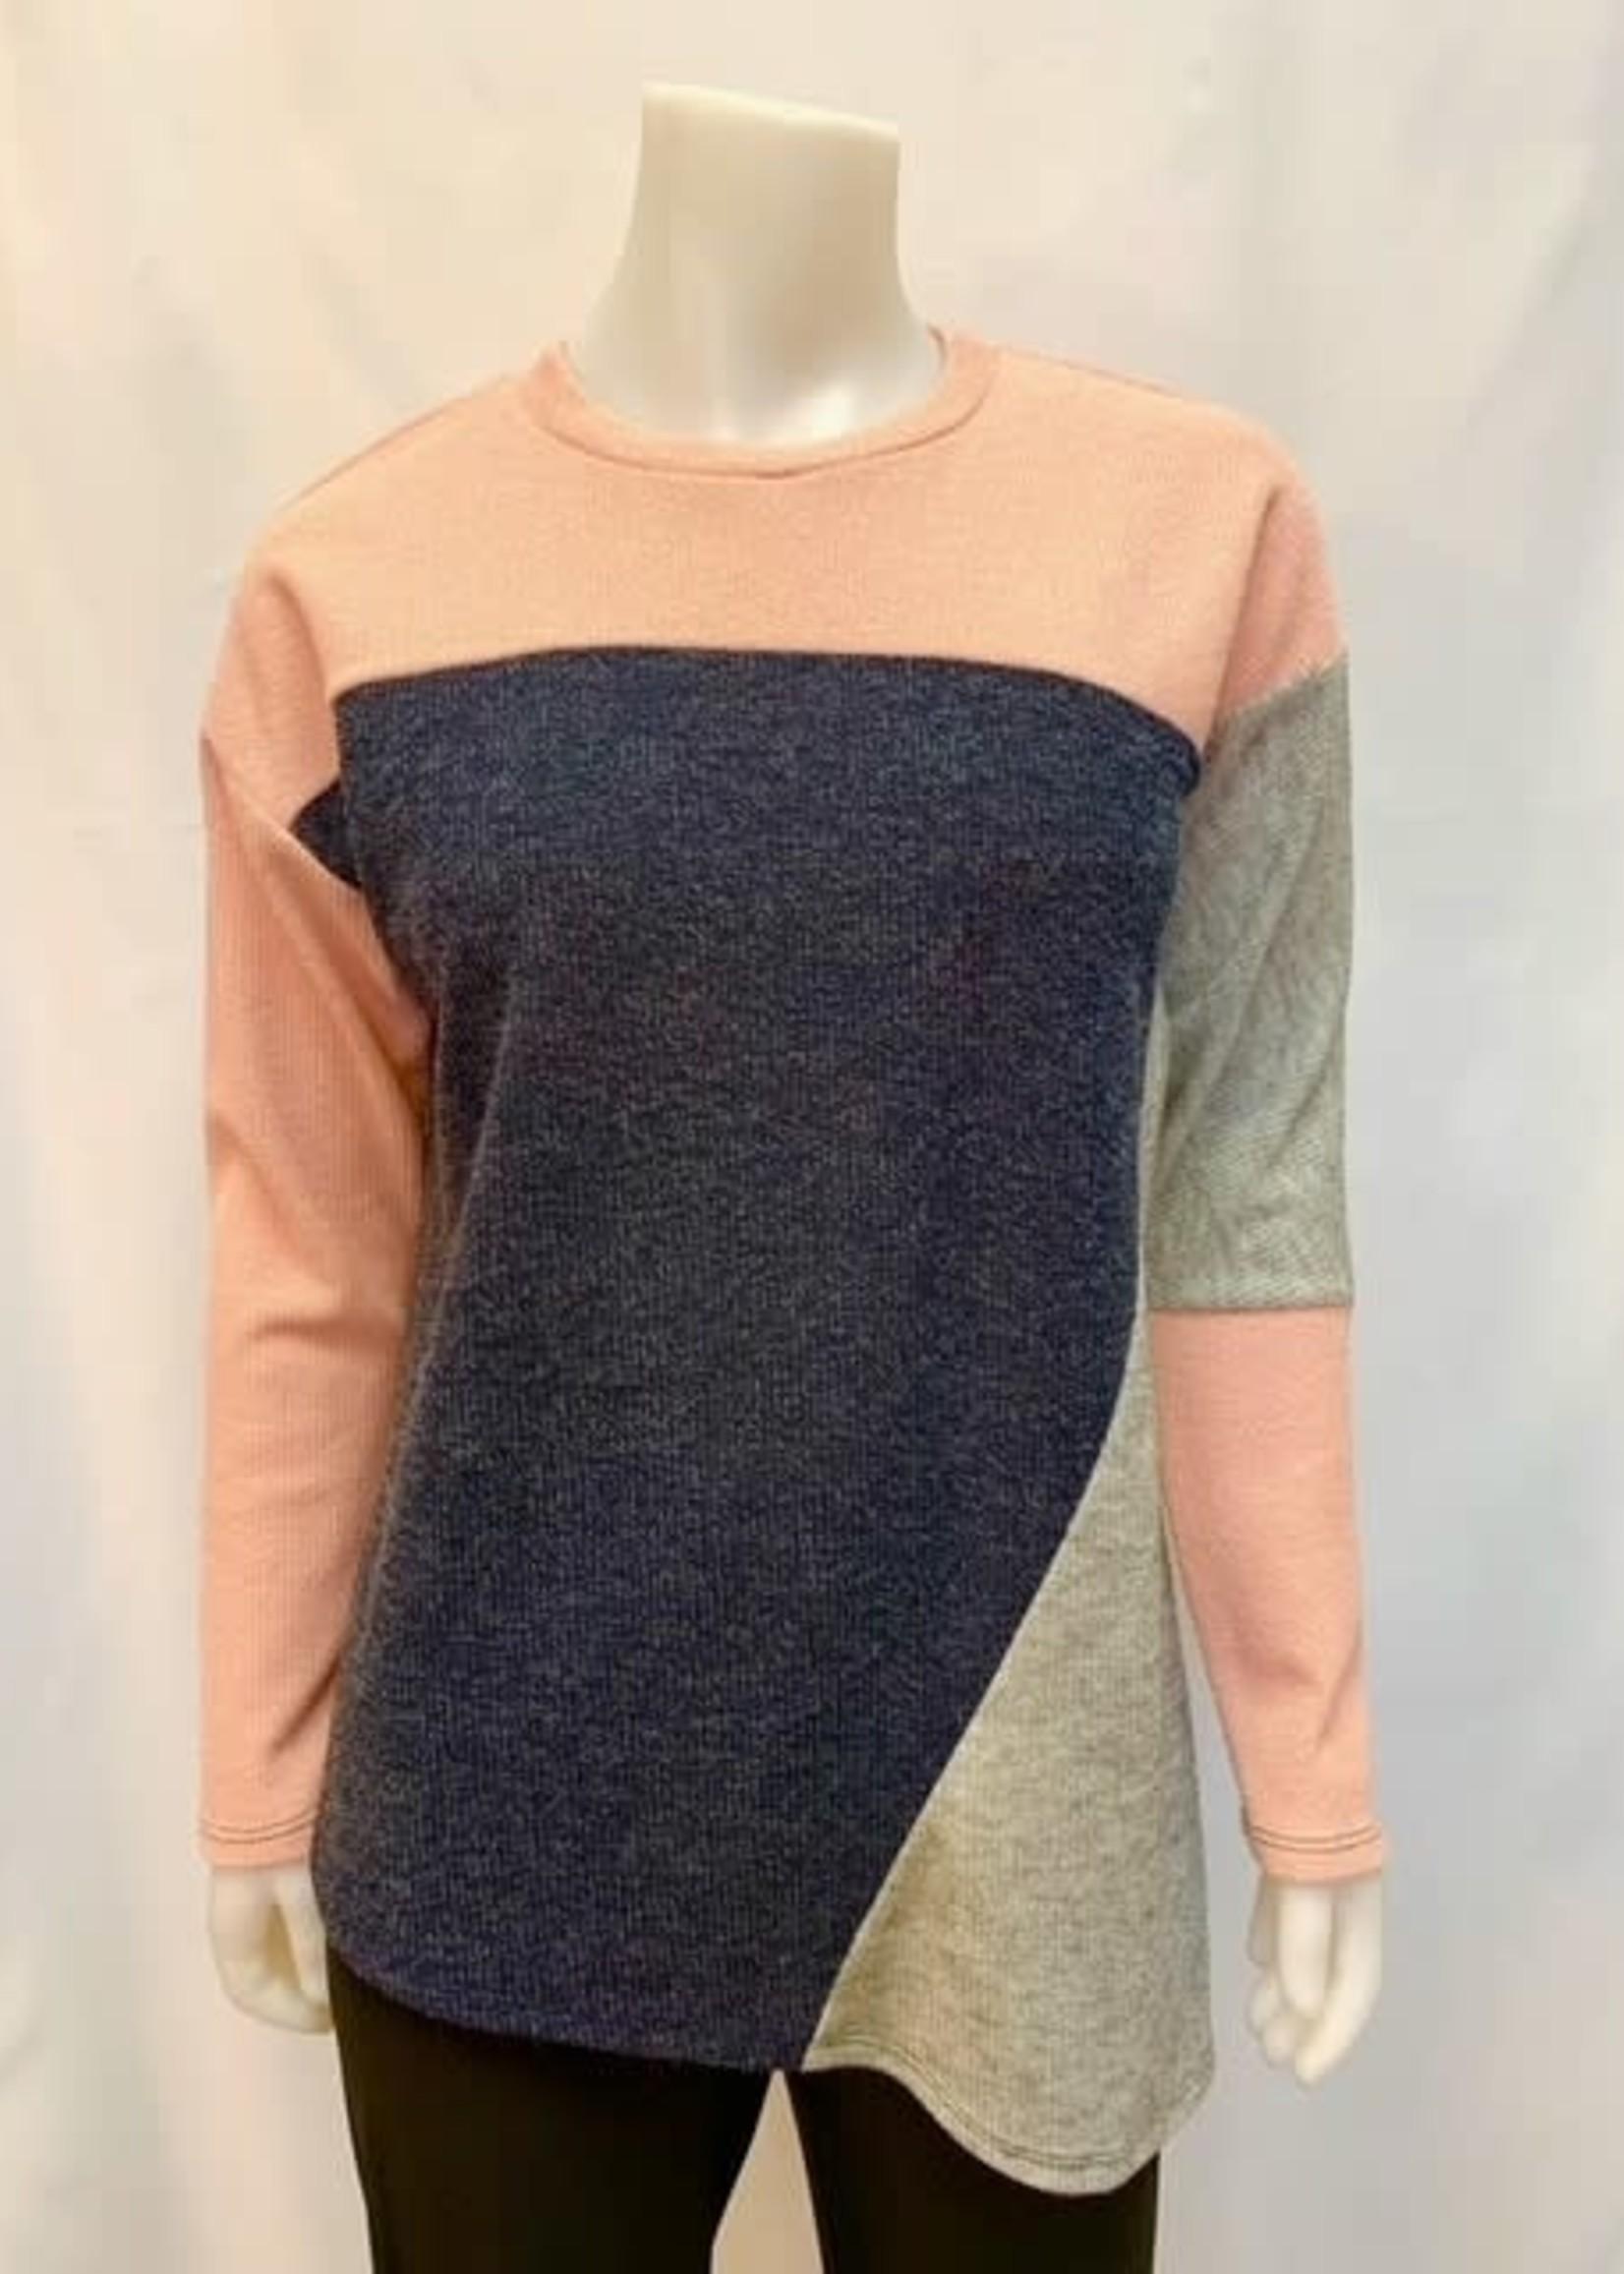 Bali Multi color sweater